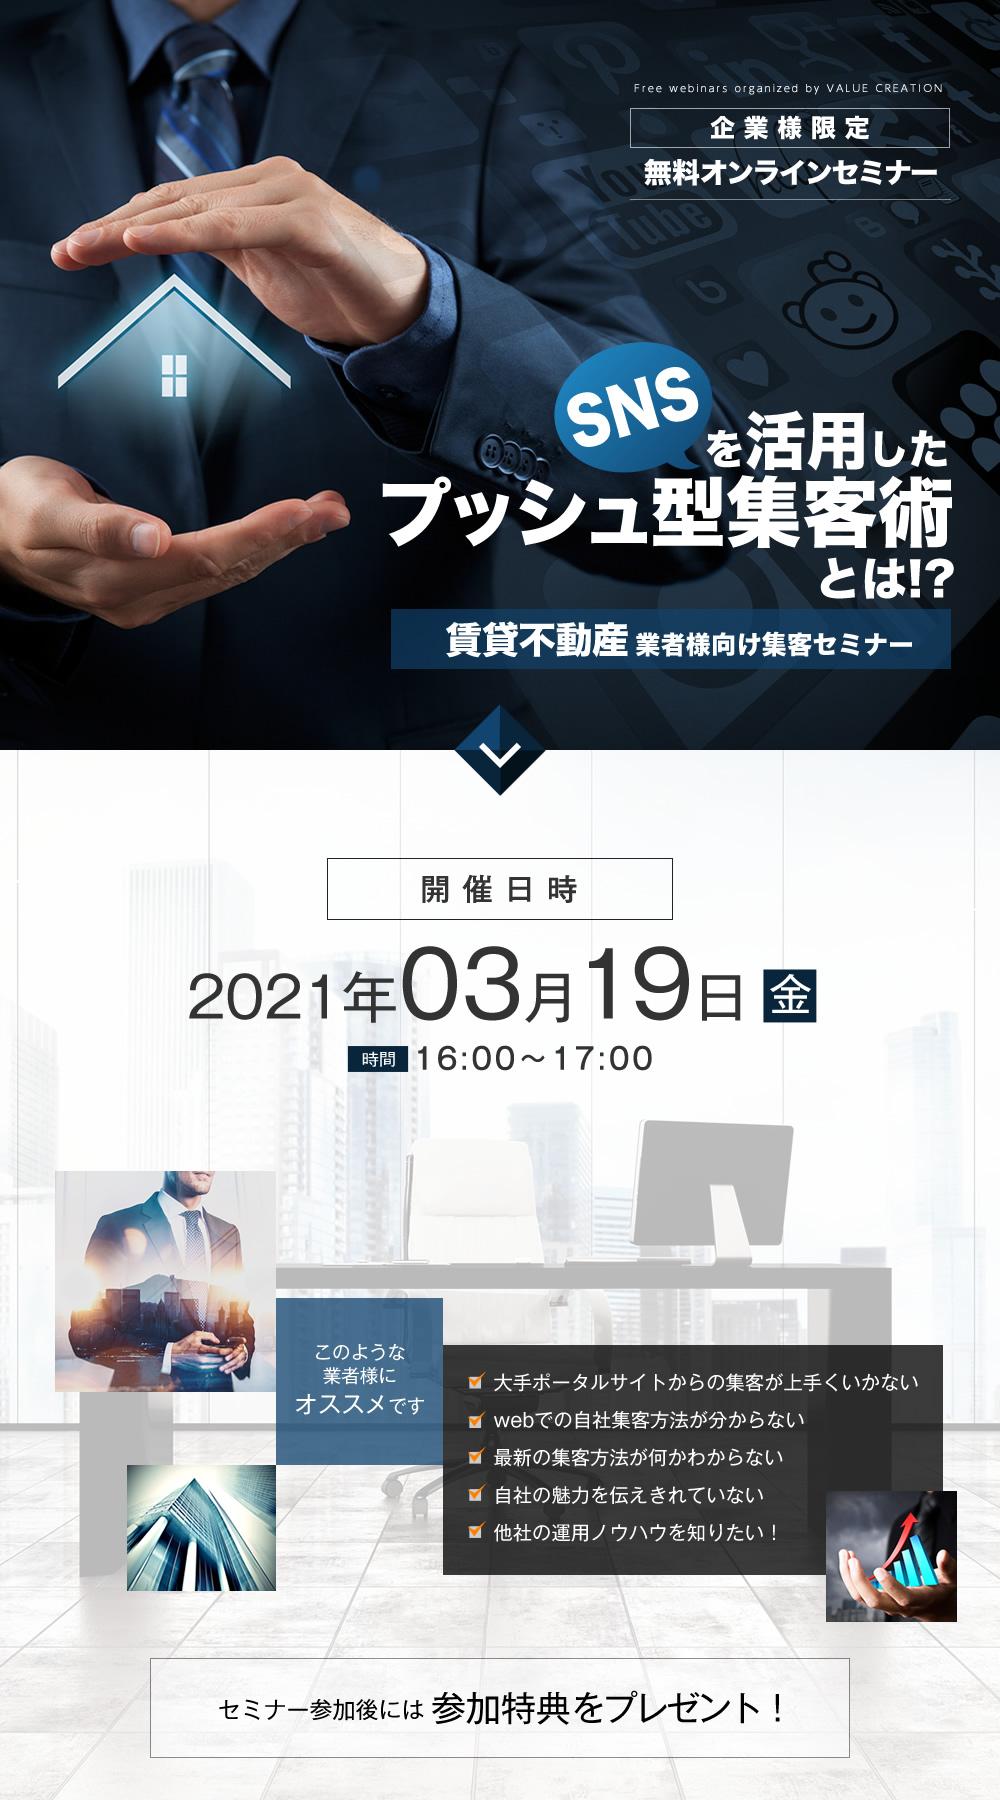 【賃貸不動産向け集客セミナー】SNSを活用したプッシュ型集客術とは!?